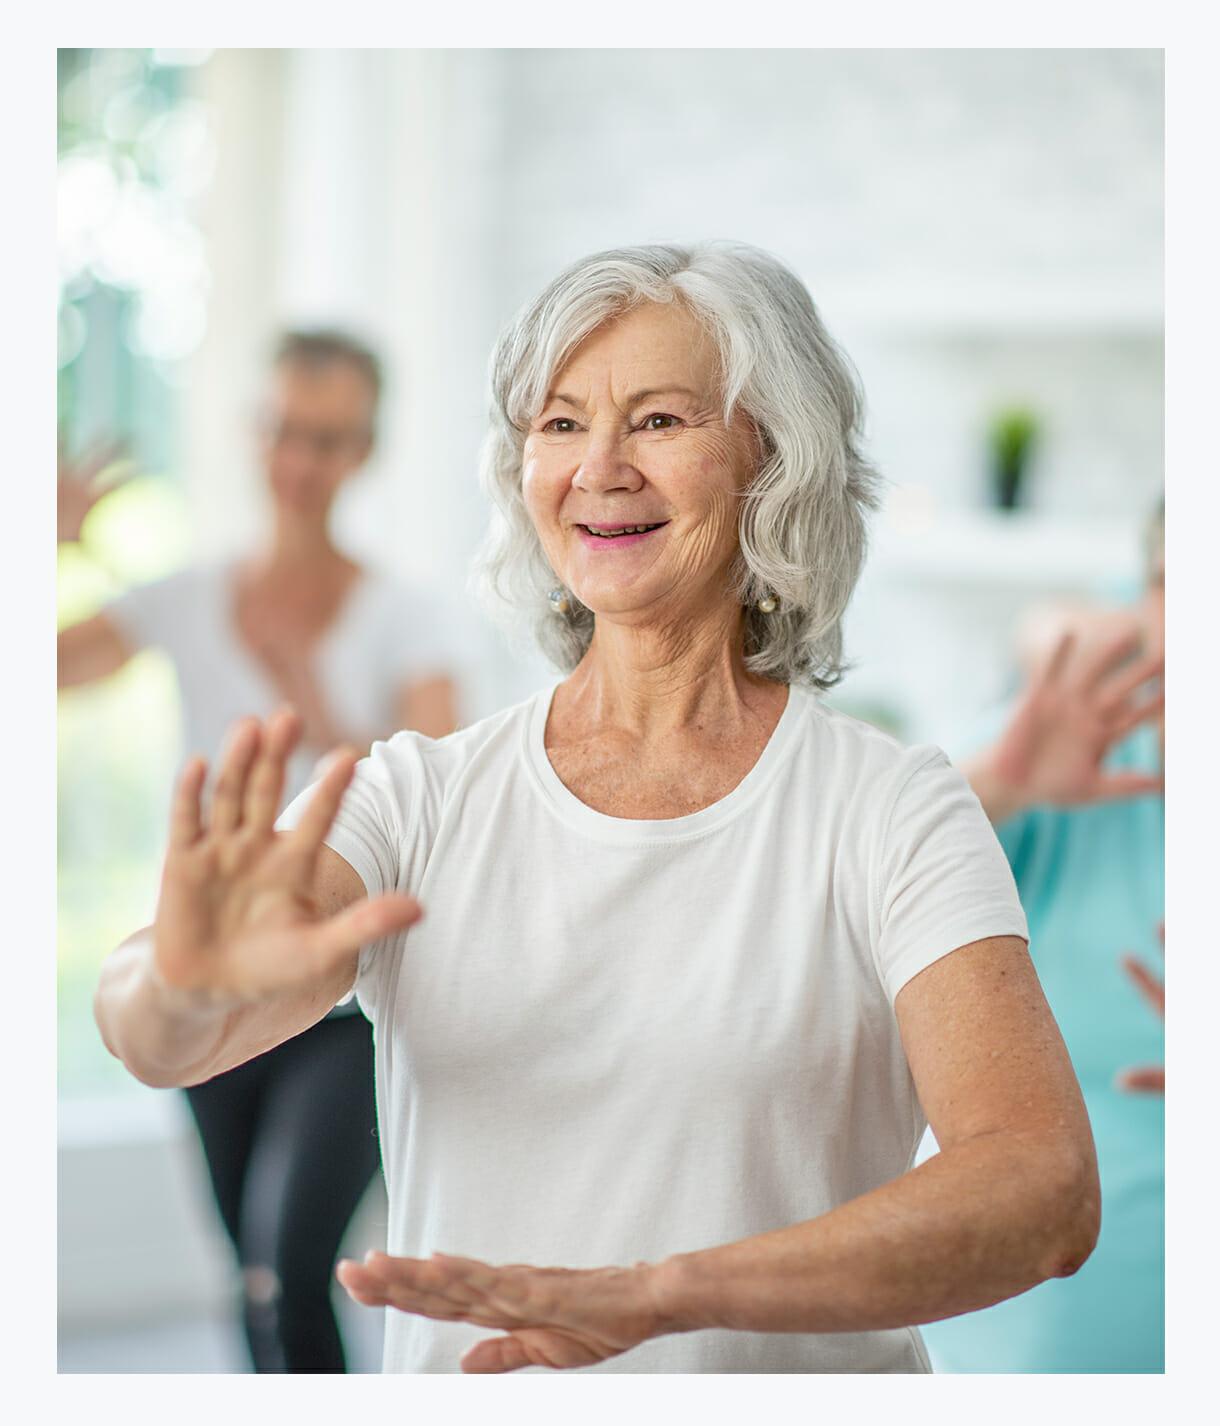 Senior woman enjoying in-home activities through Neighbor to Neighbor programs yoga tai chi reiki